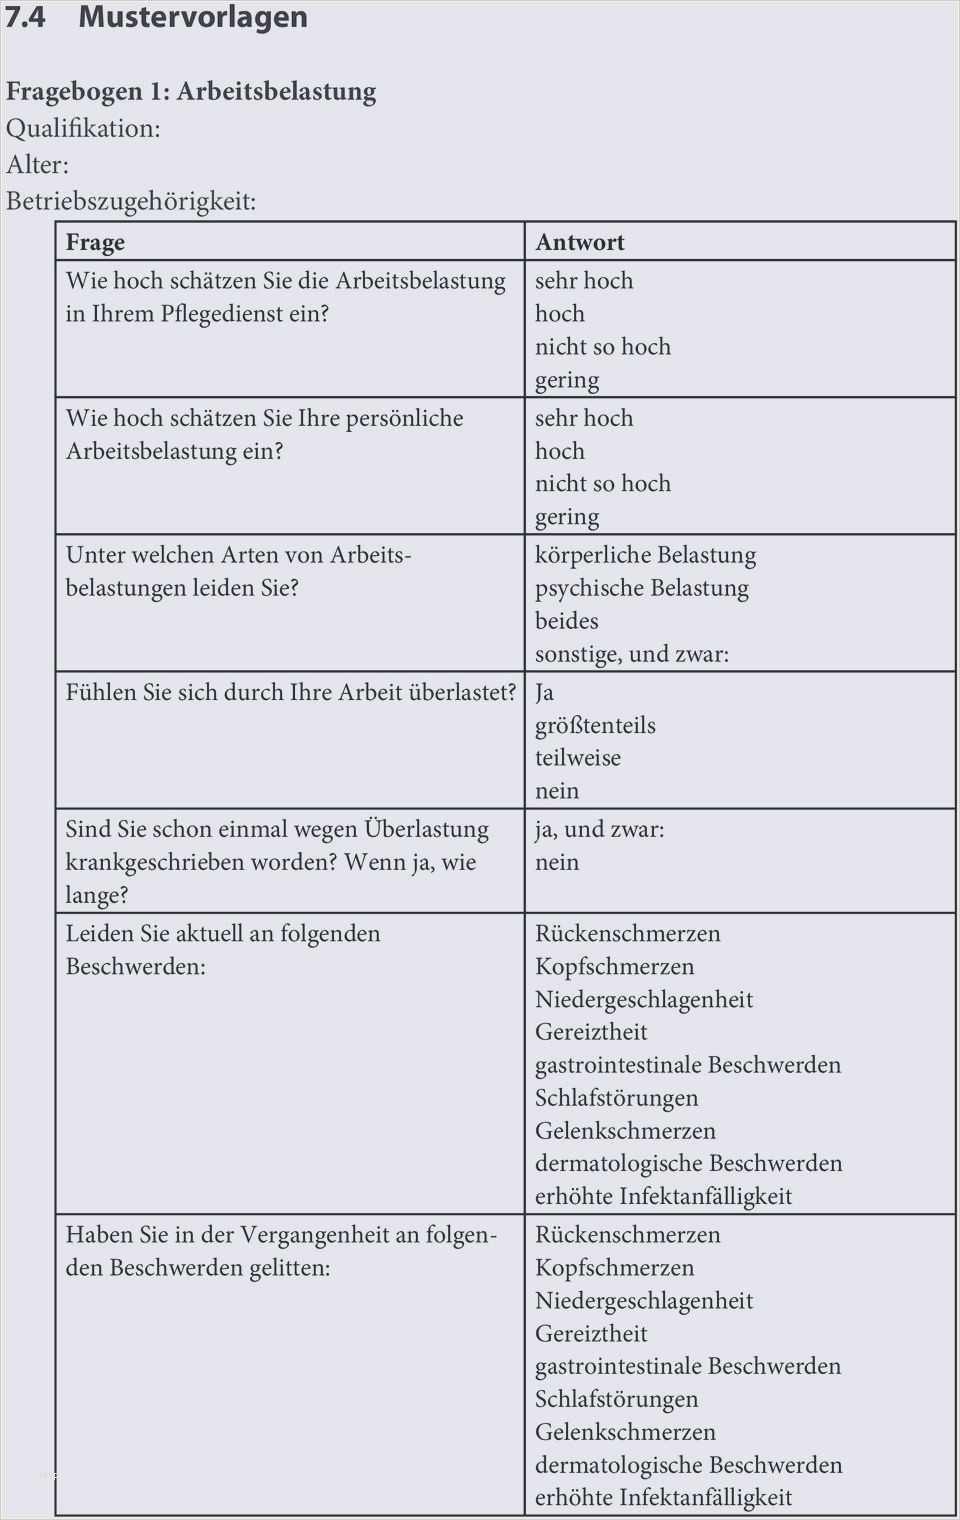 29 Wunderbar Fragebogen Hotel Vorlage Bilder Impressum Vorlage Vorlagen Vorlagen Word